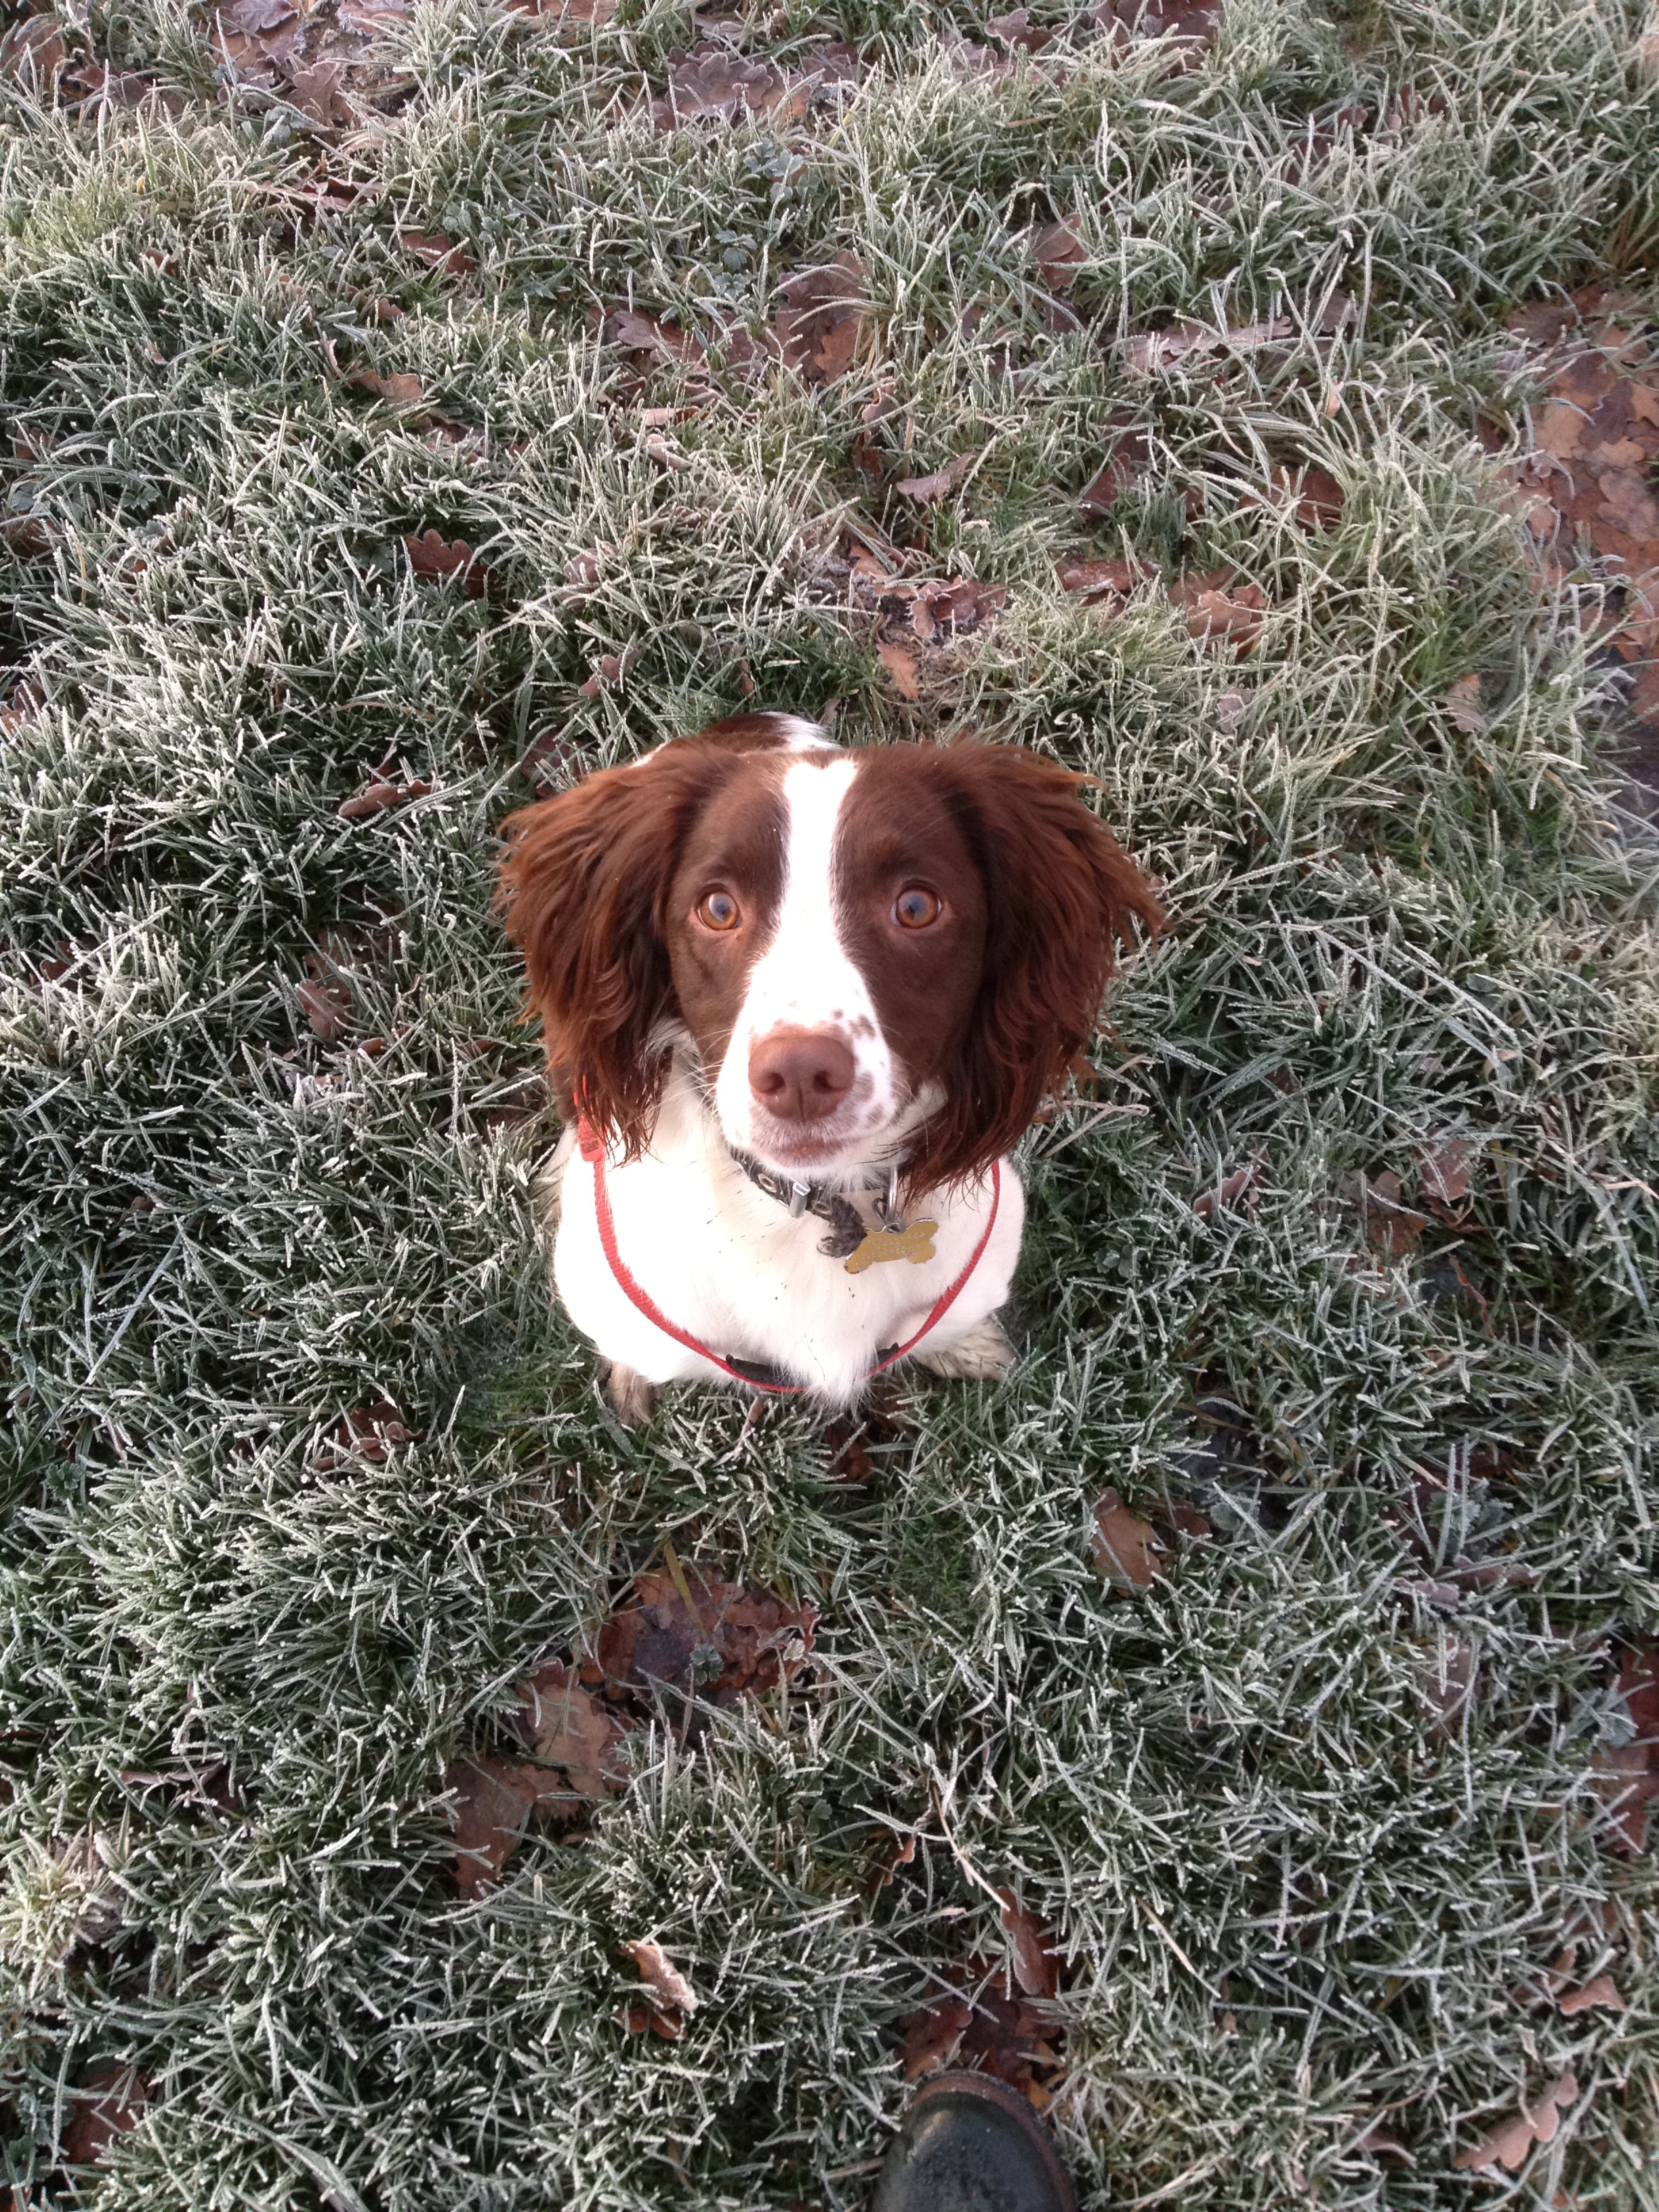 Chloe in a snowy field